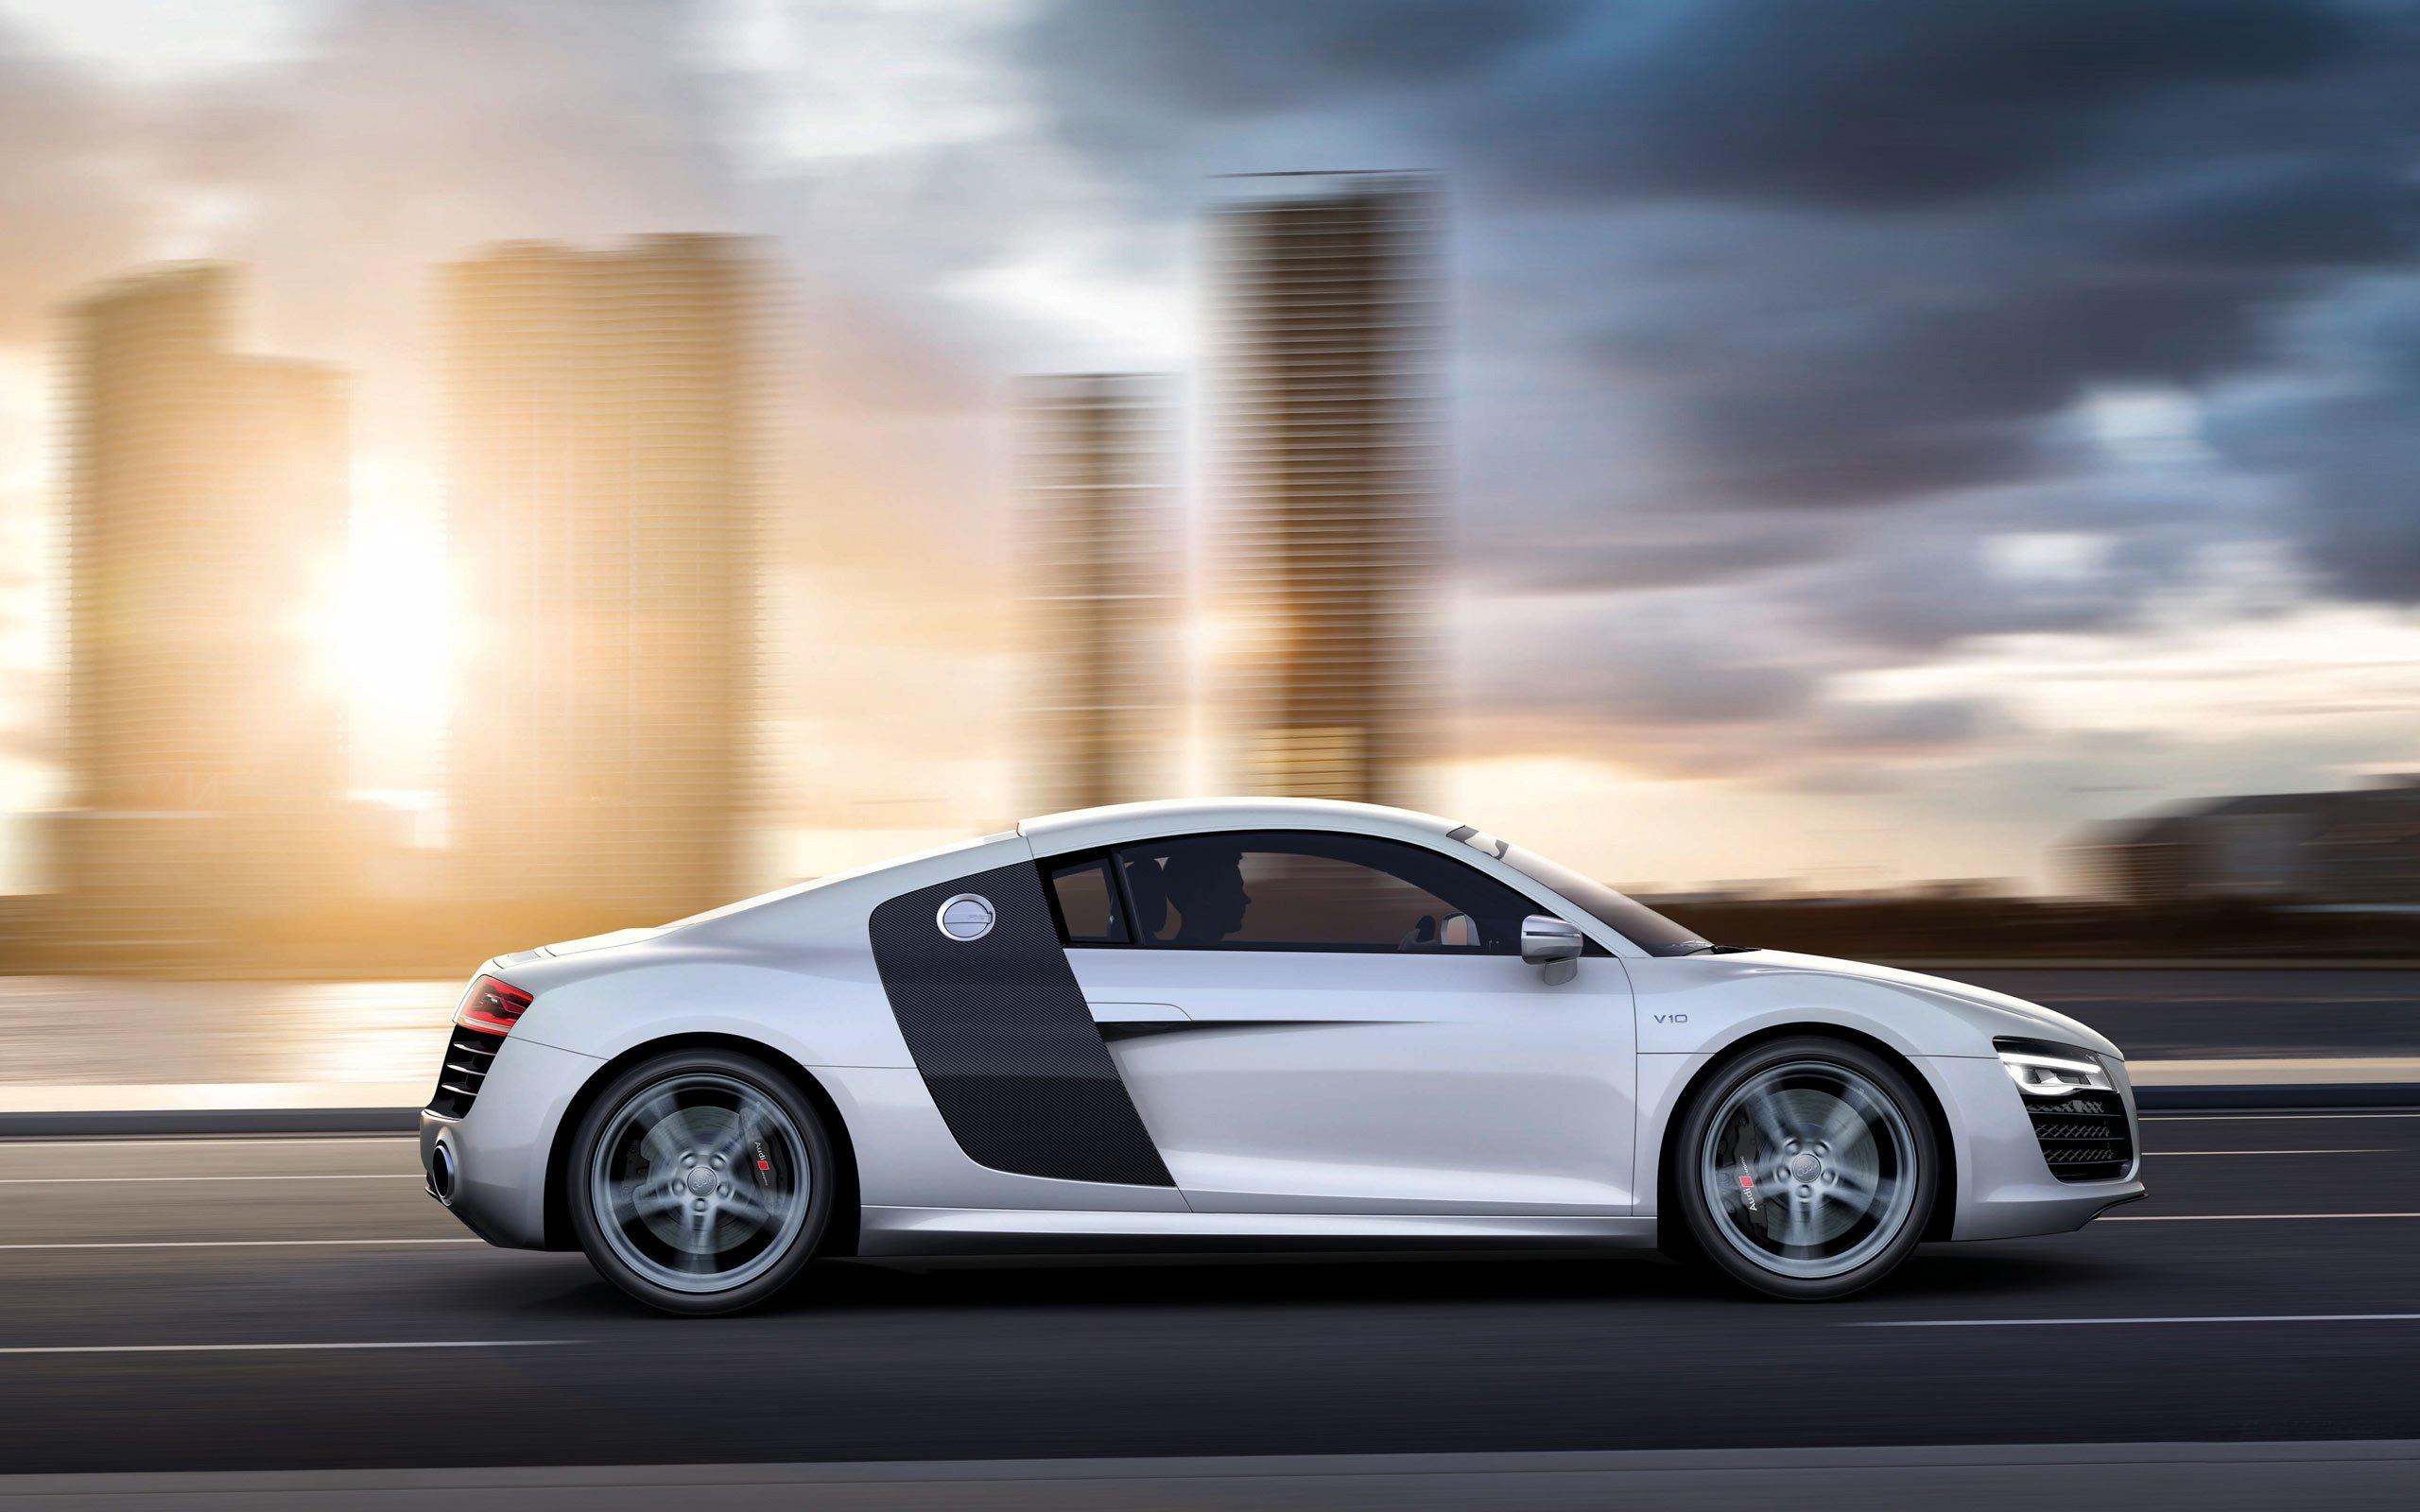 Картинка: Суперкар, Audi, R8, V10, скорость, размытие, дорога, небоскрёбы, солнце, пилот